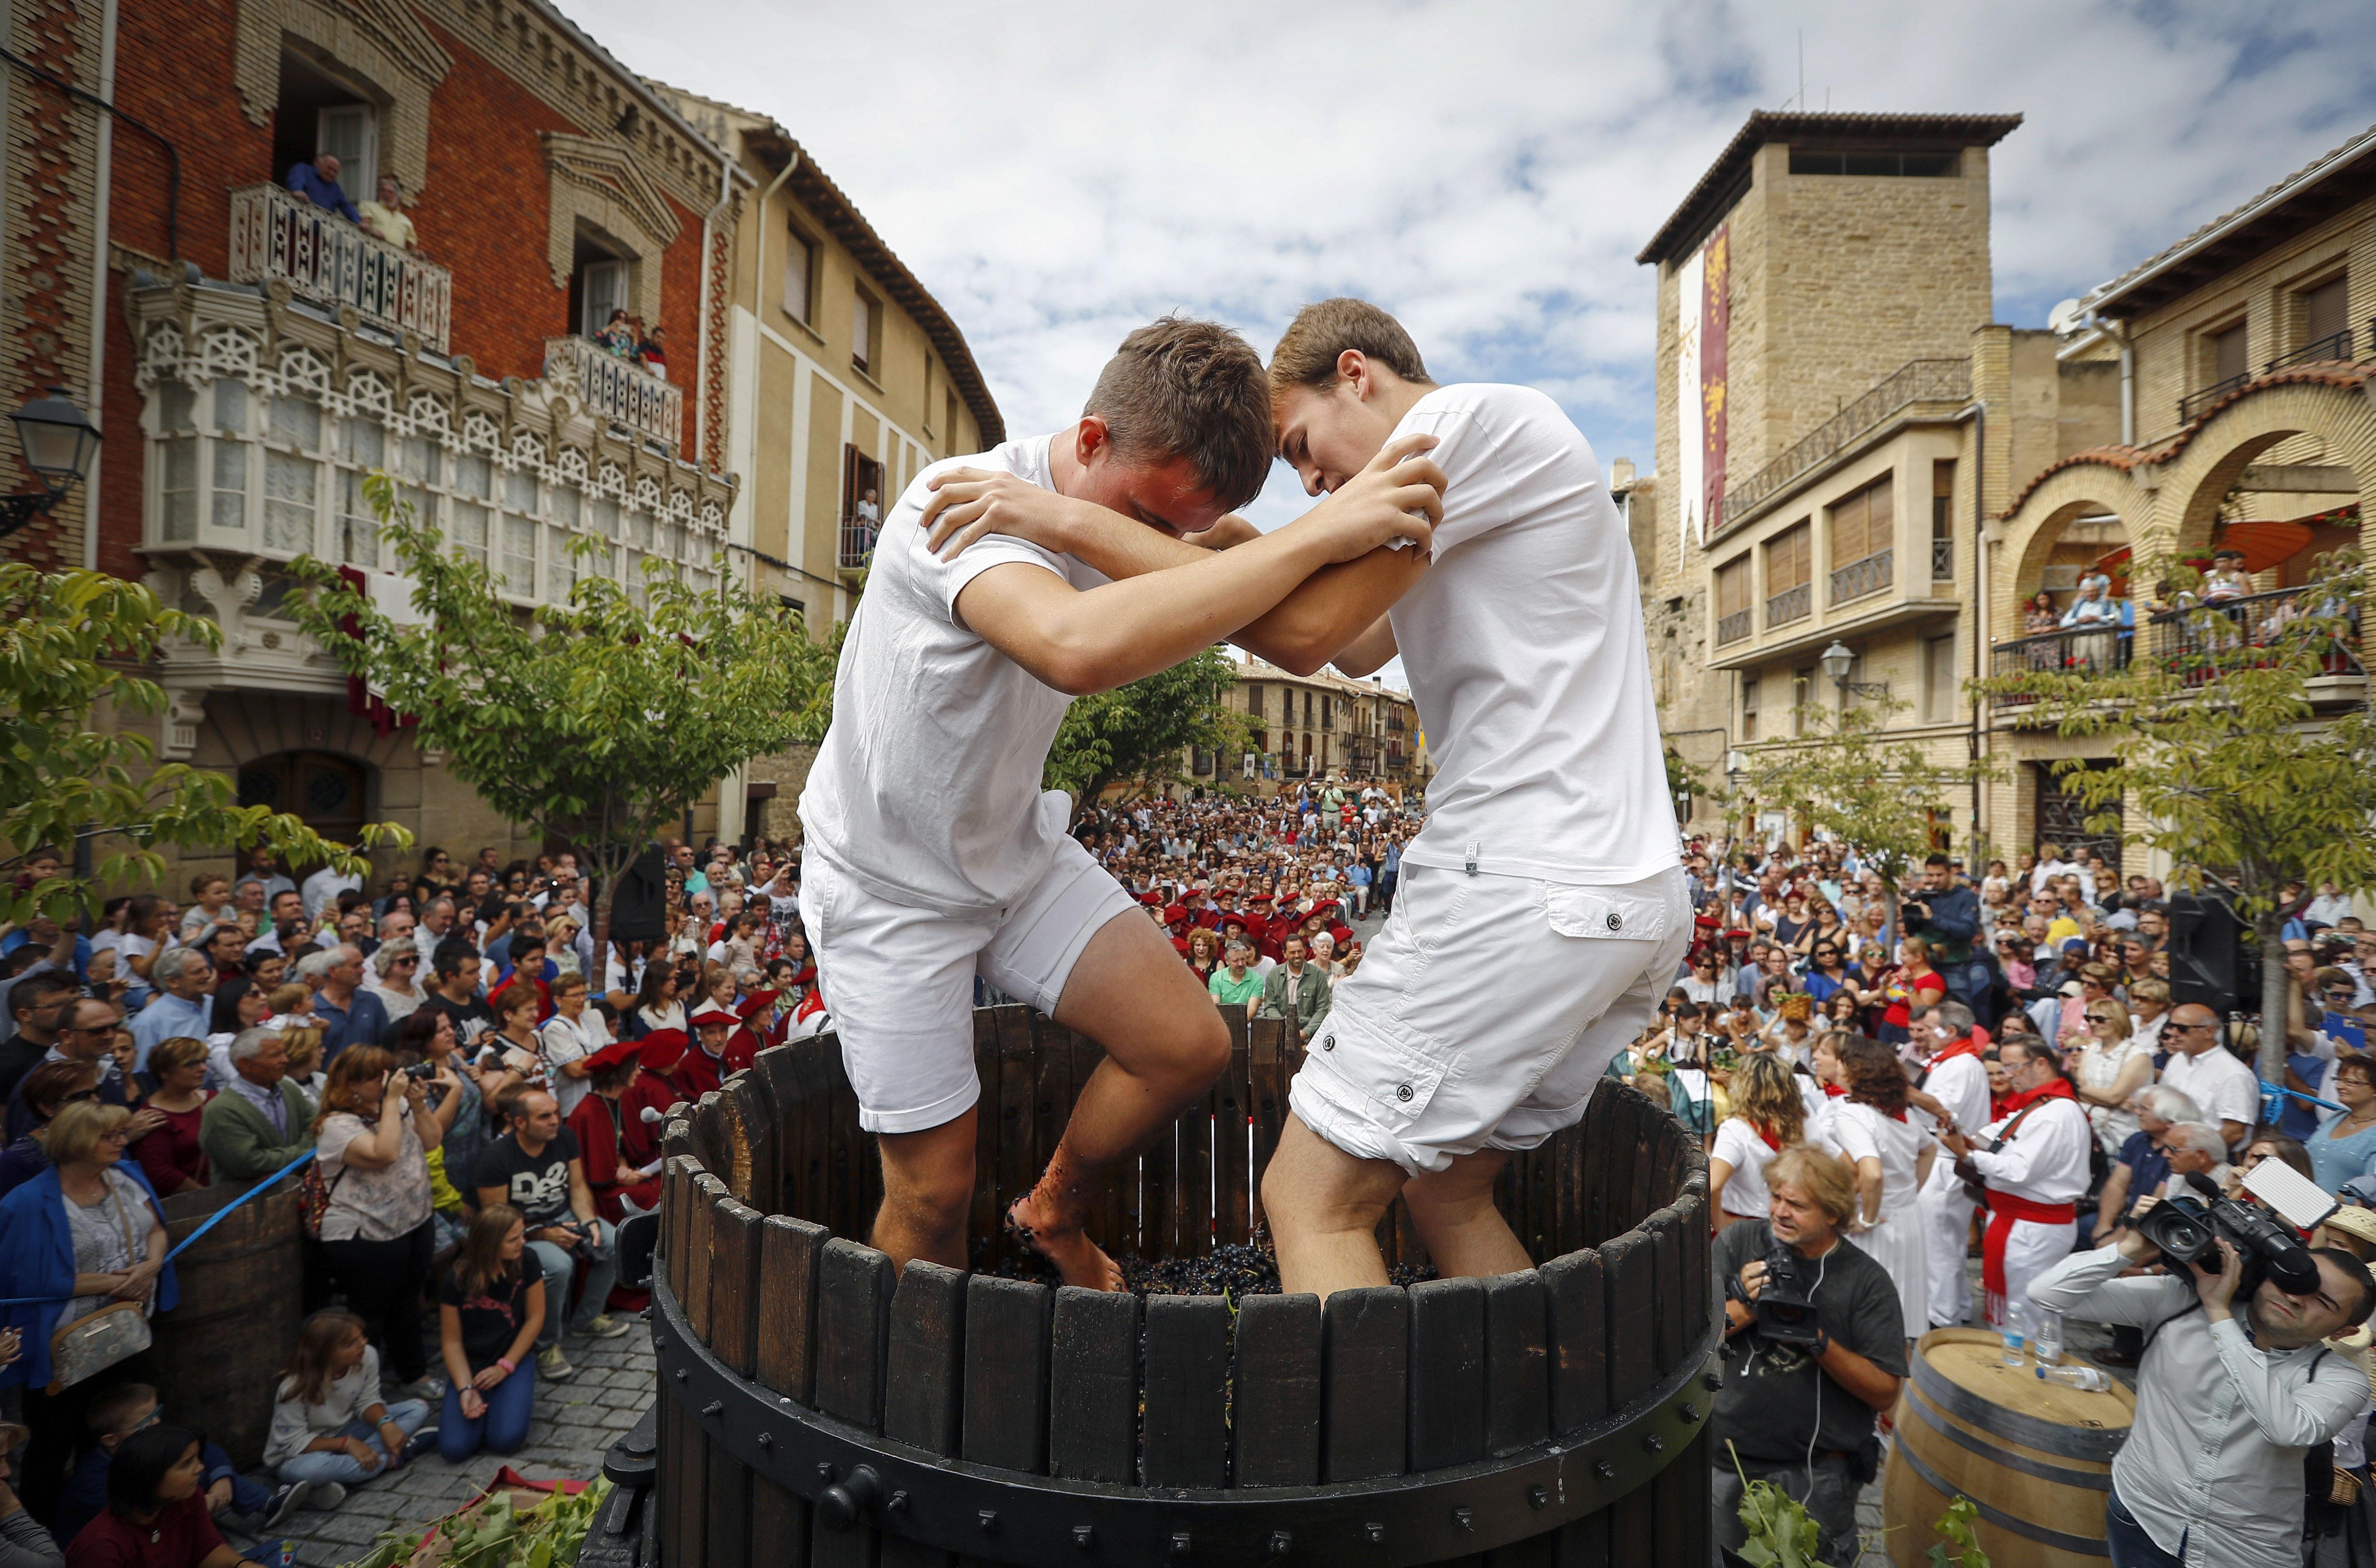 Dos joves durant la tradicional trepitjada del raïm a la Festa de la Verema de Navarra. /VILLAR LÓPEZ